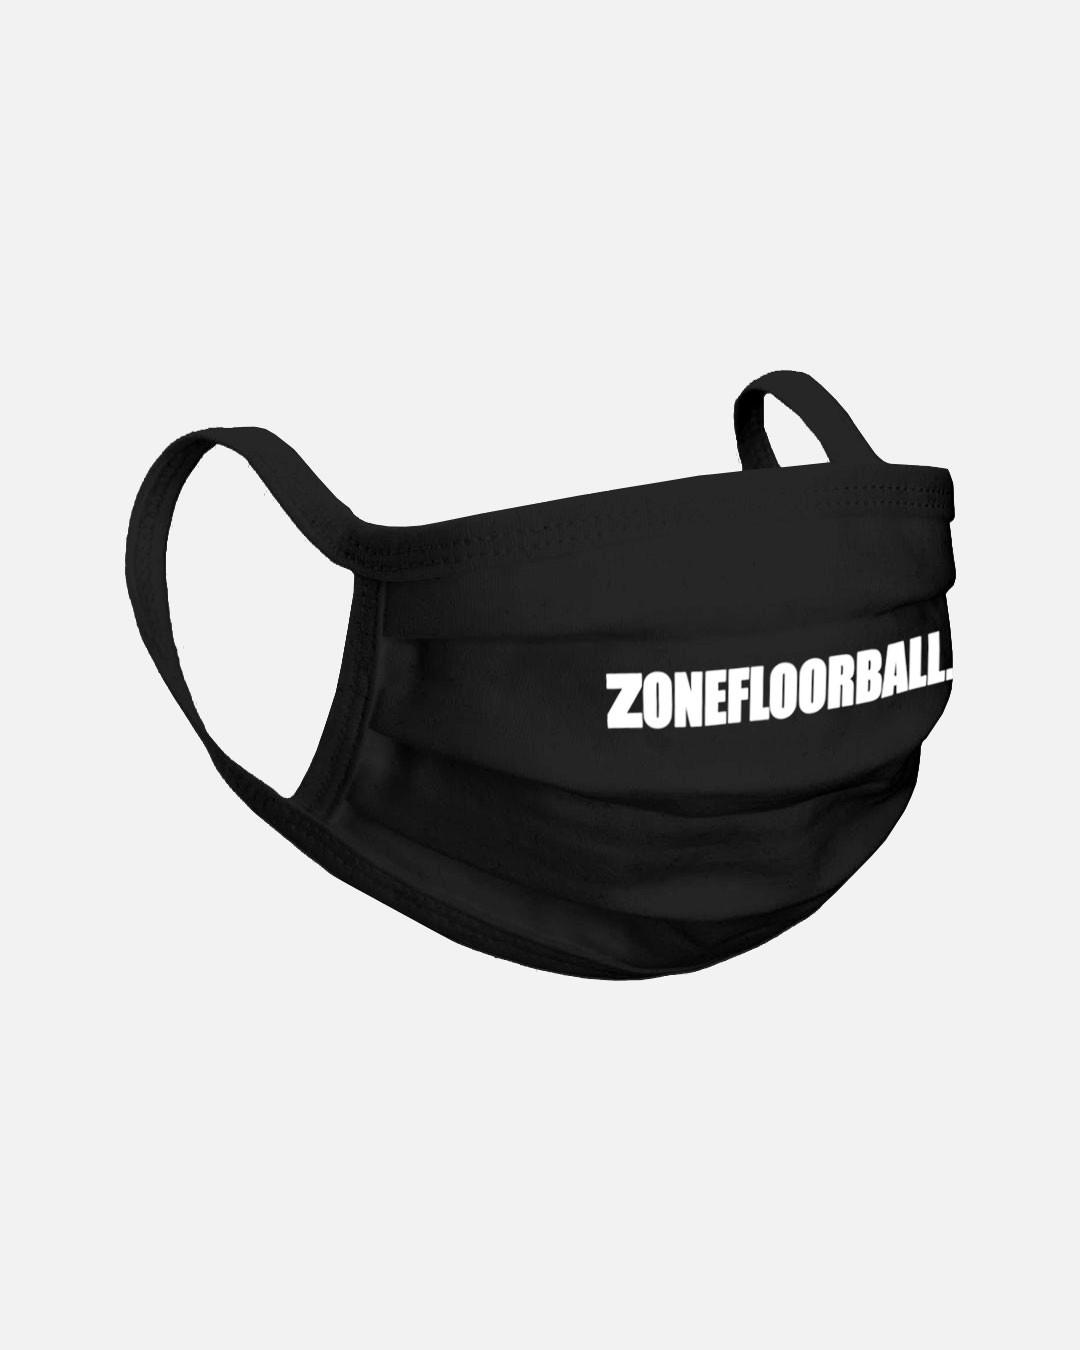 FACE MASK ZONEFLOORBALL SR BLACK BASIC